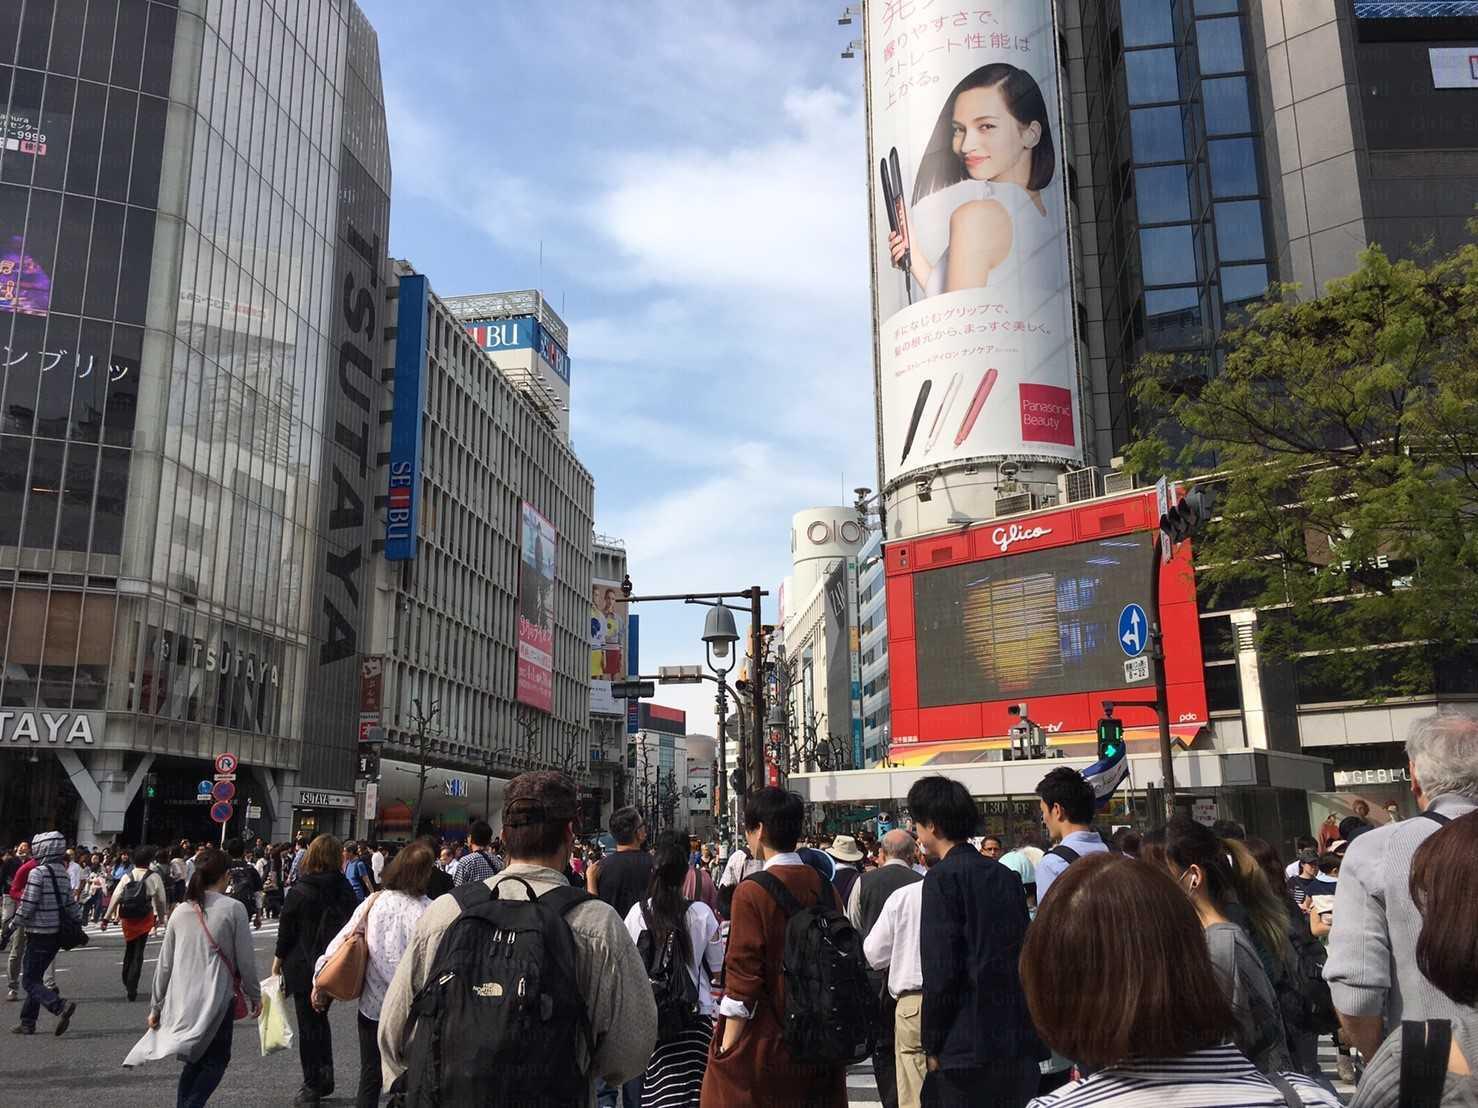 ジェイエステティック 渋谷駅前店